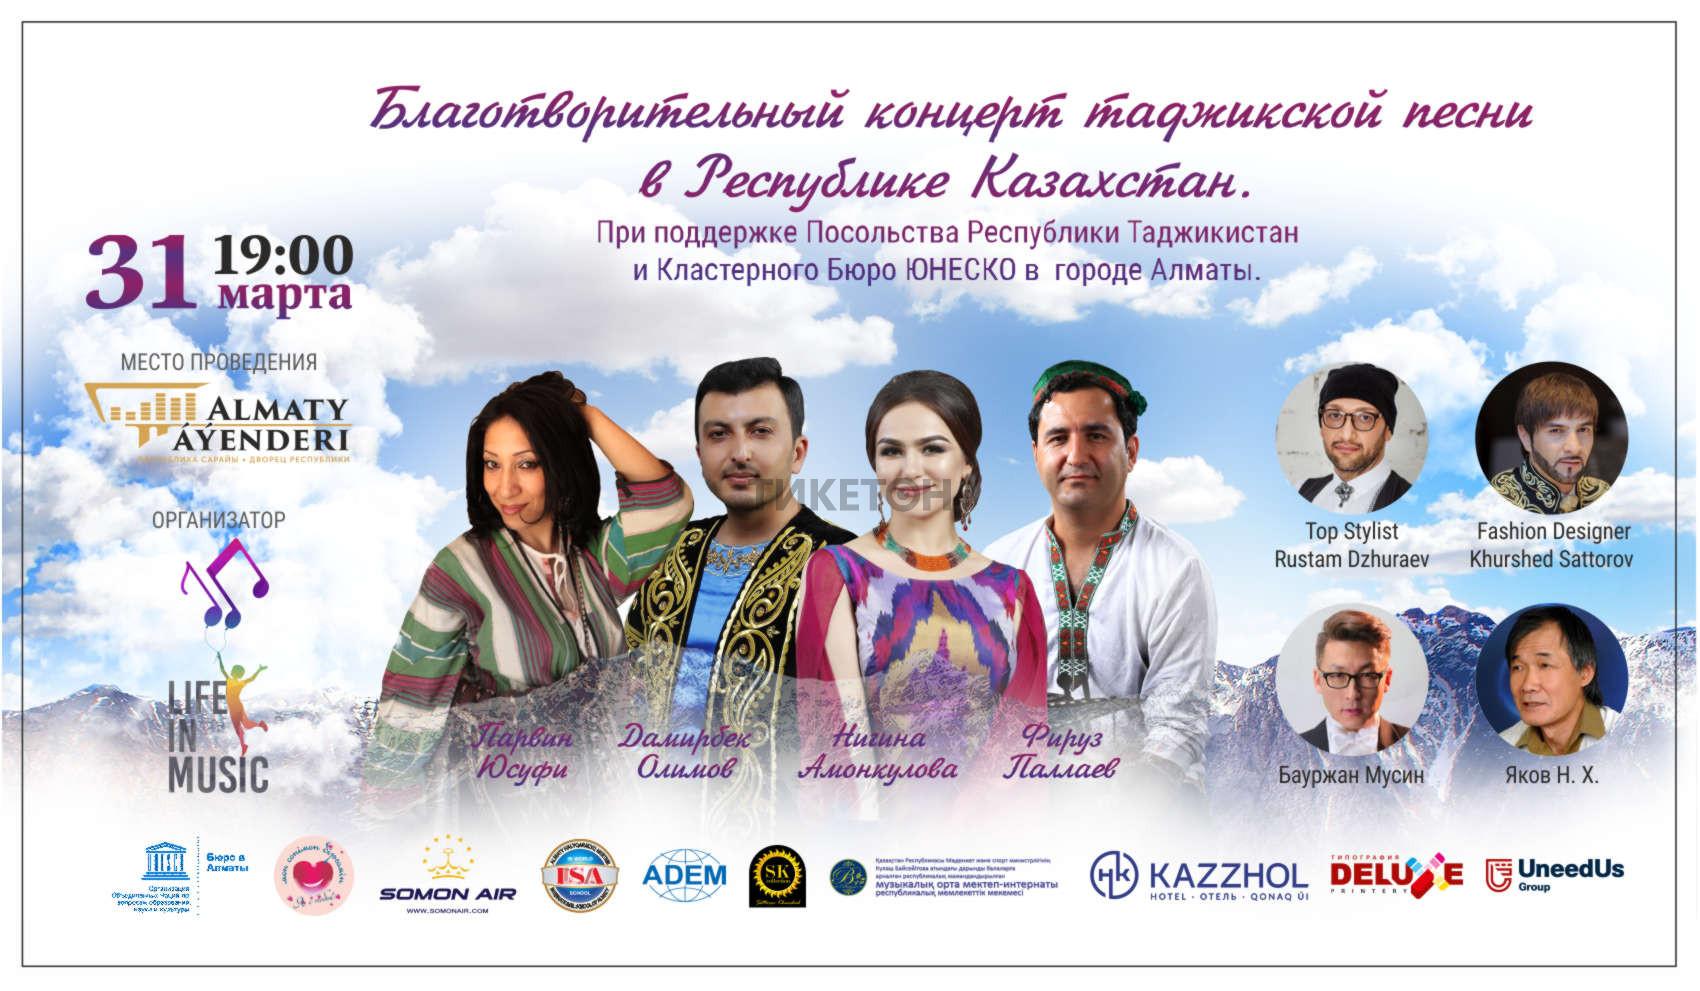 tadzhikskoy-pesni-